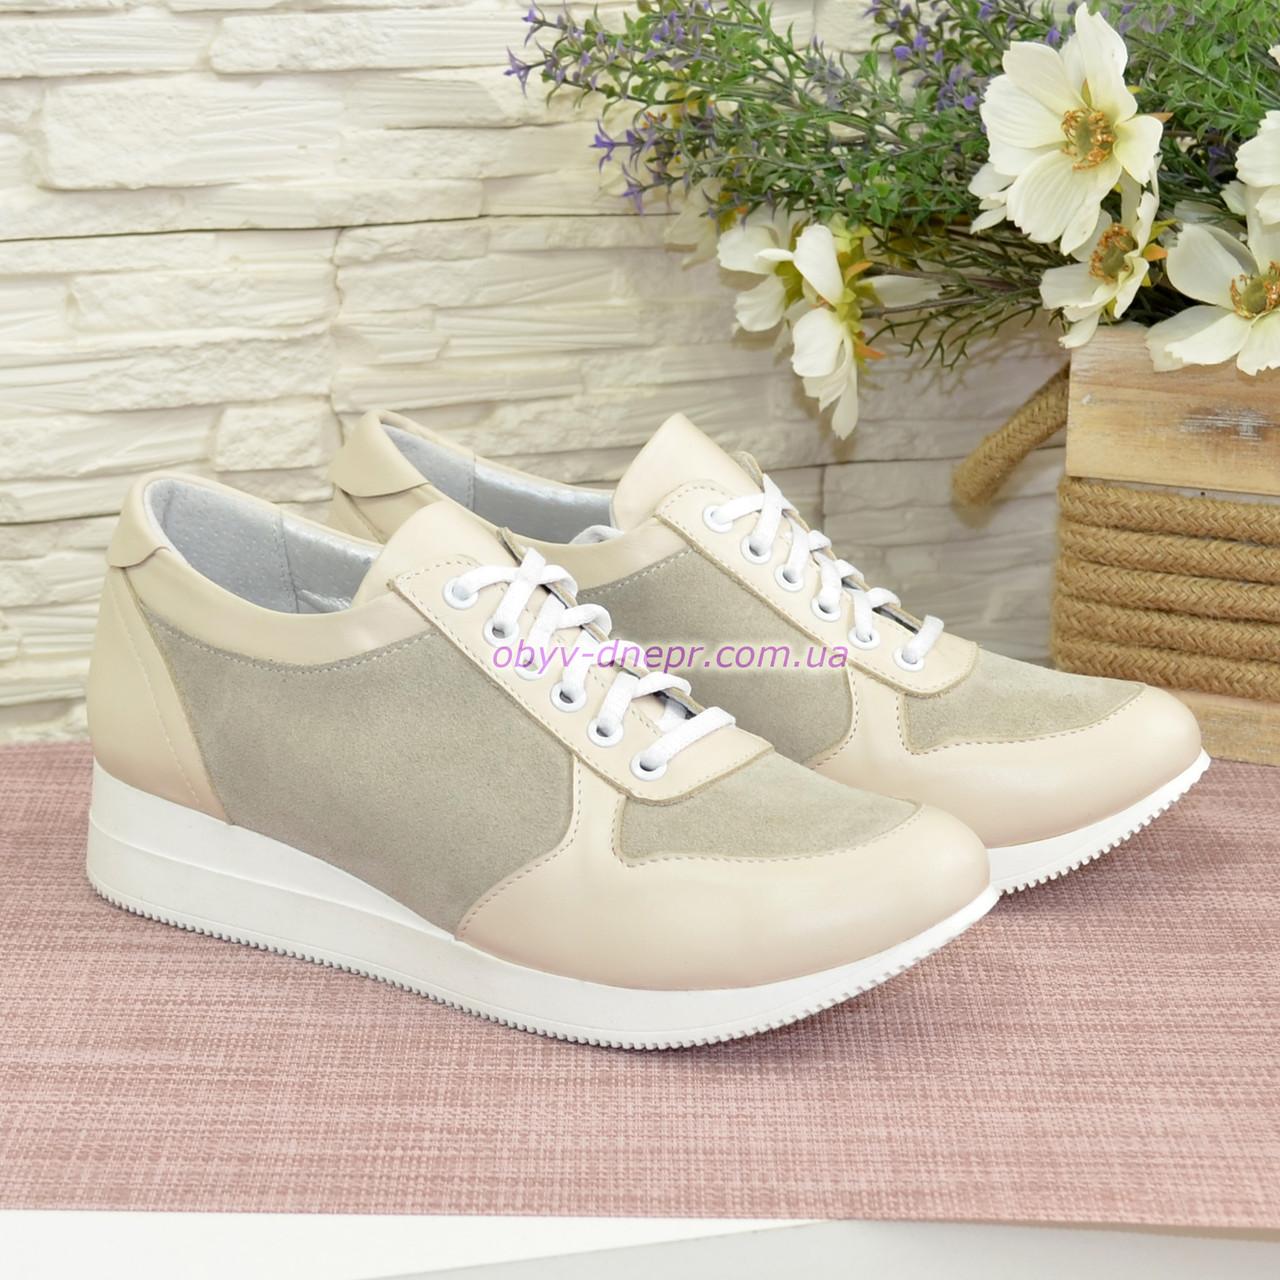 Стильные женские туфли на шнуровке, из натуральной кожи и замши бежевого цвета